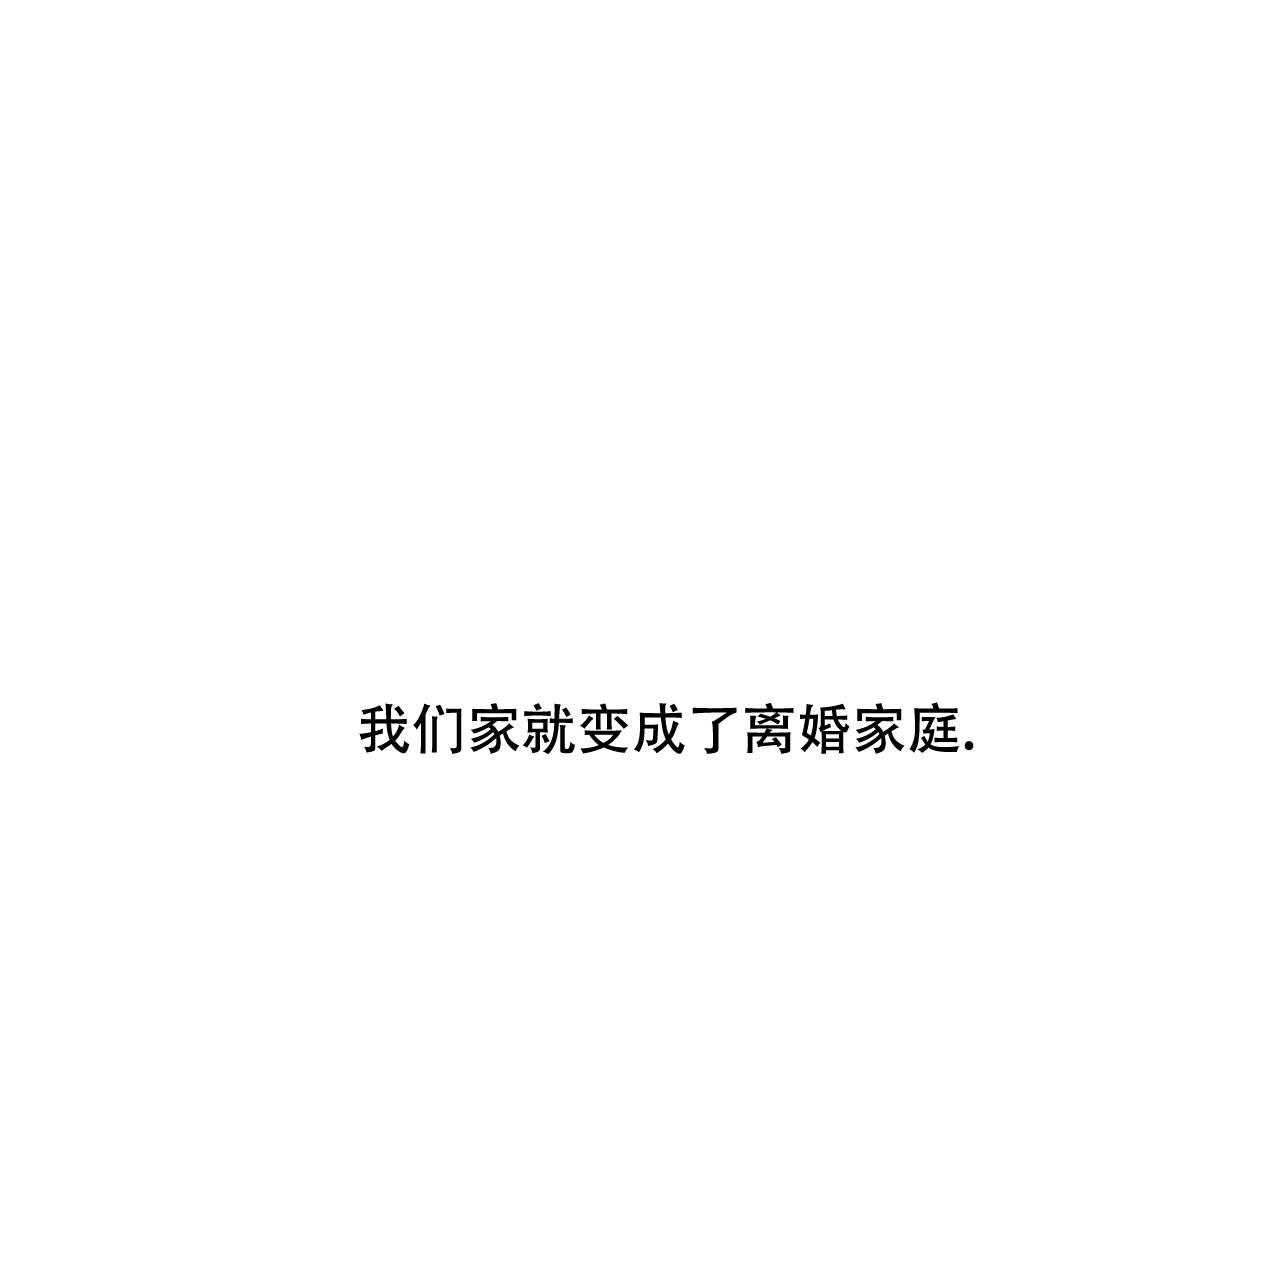 韩漫《我的男神》今天也是想要男神投喂的一天~